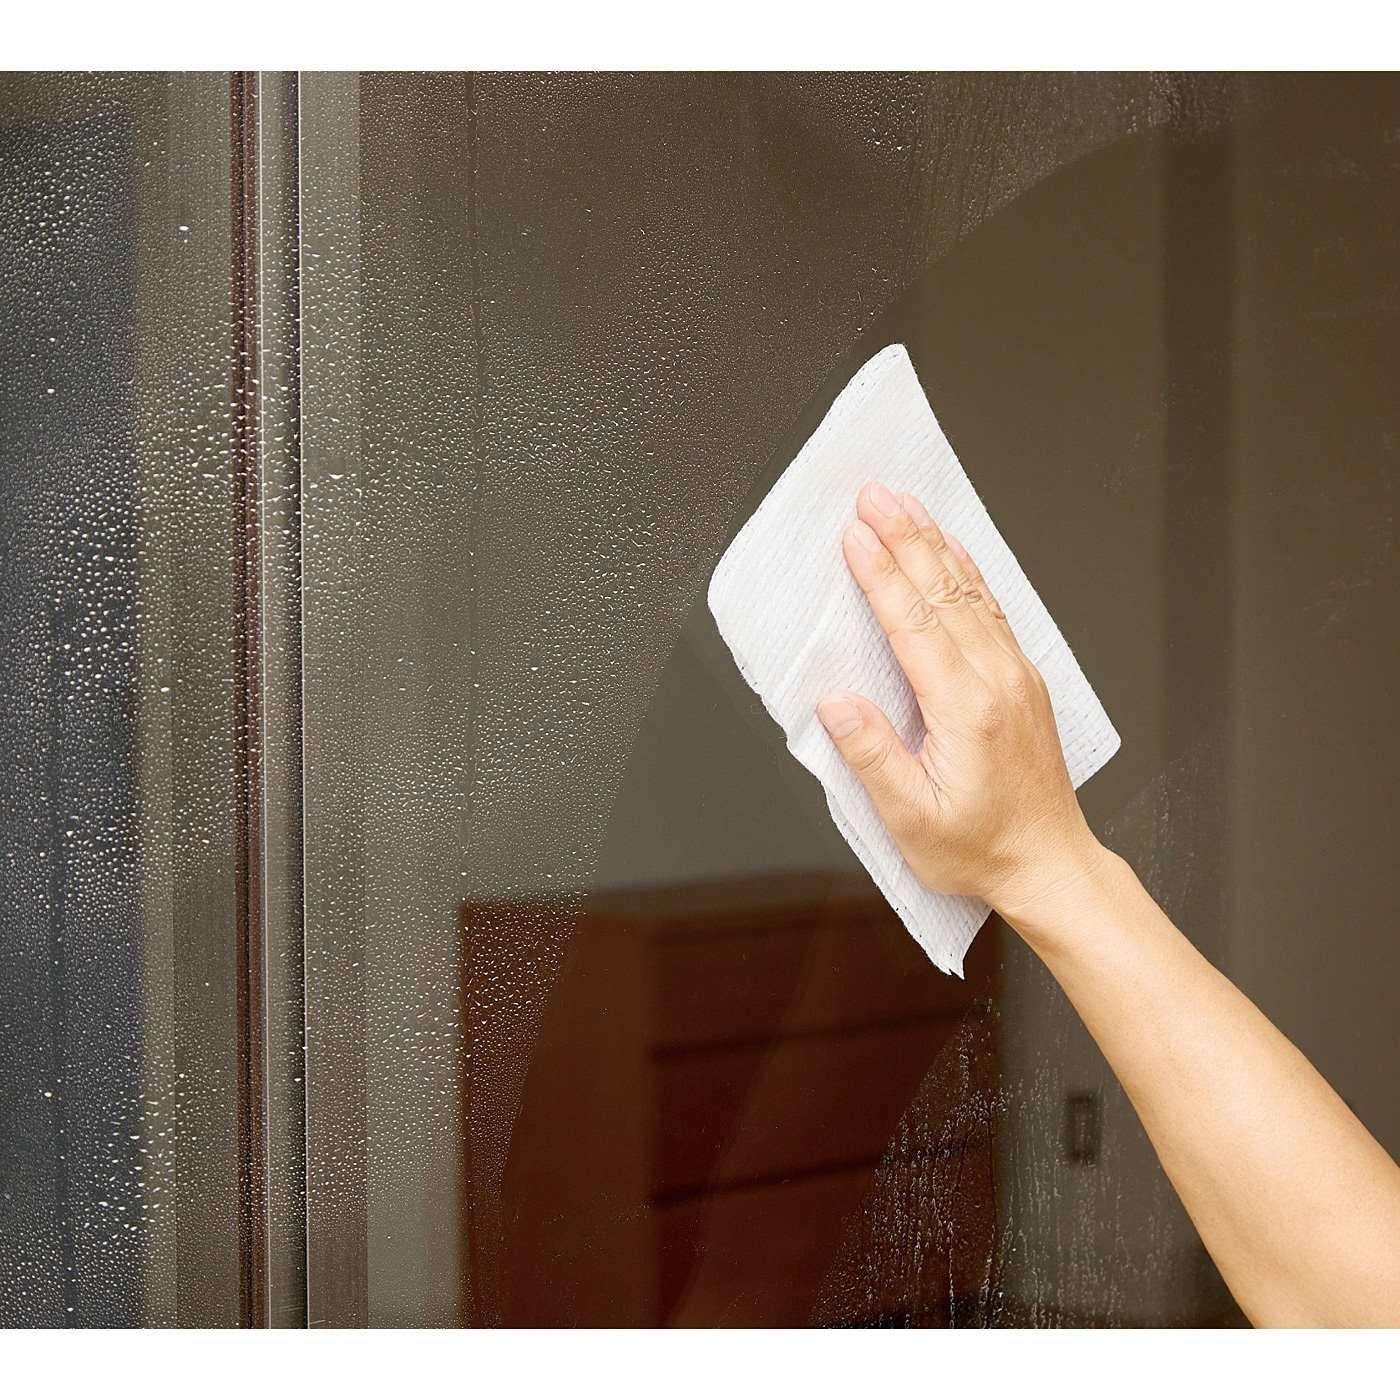 ひとふきで簡単きれい 窓ガラス専用お掃除ウェットシートの会